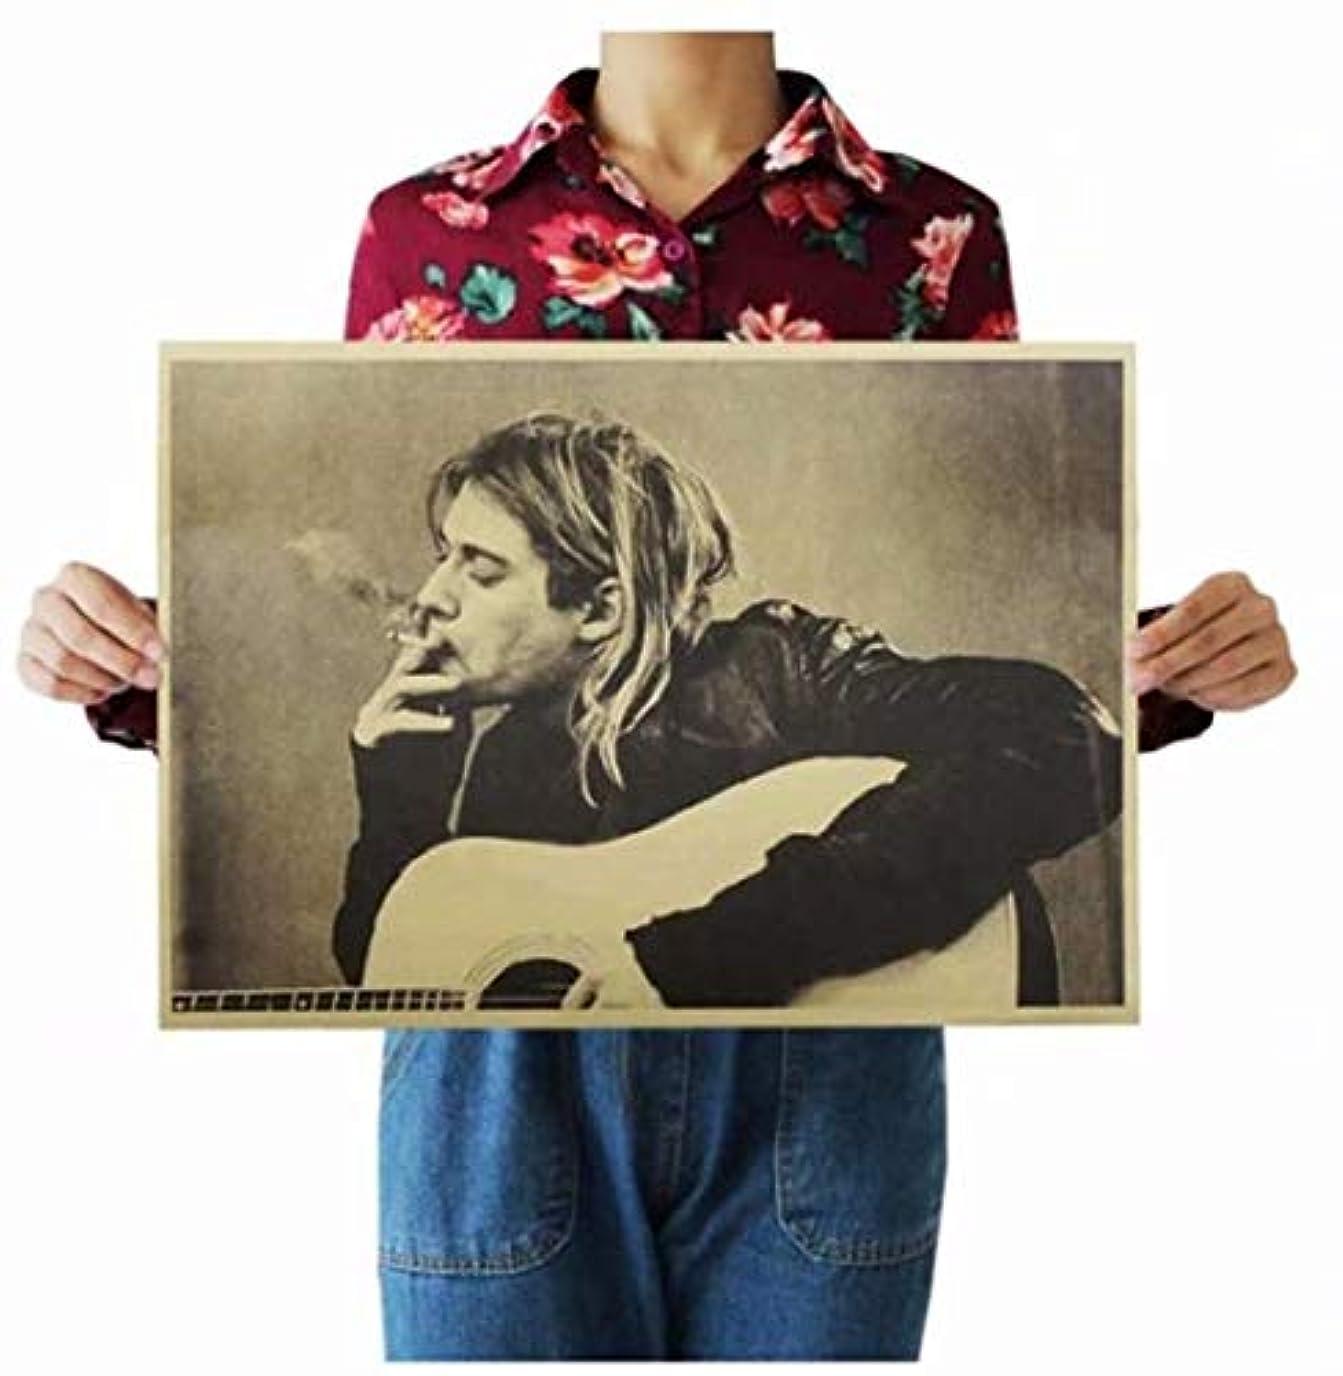 アレイクラシックプレビュー七里の香 プロフェッショナル クラシック映画のクラフト紙のポスターバールーム装飾